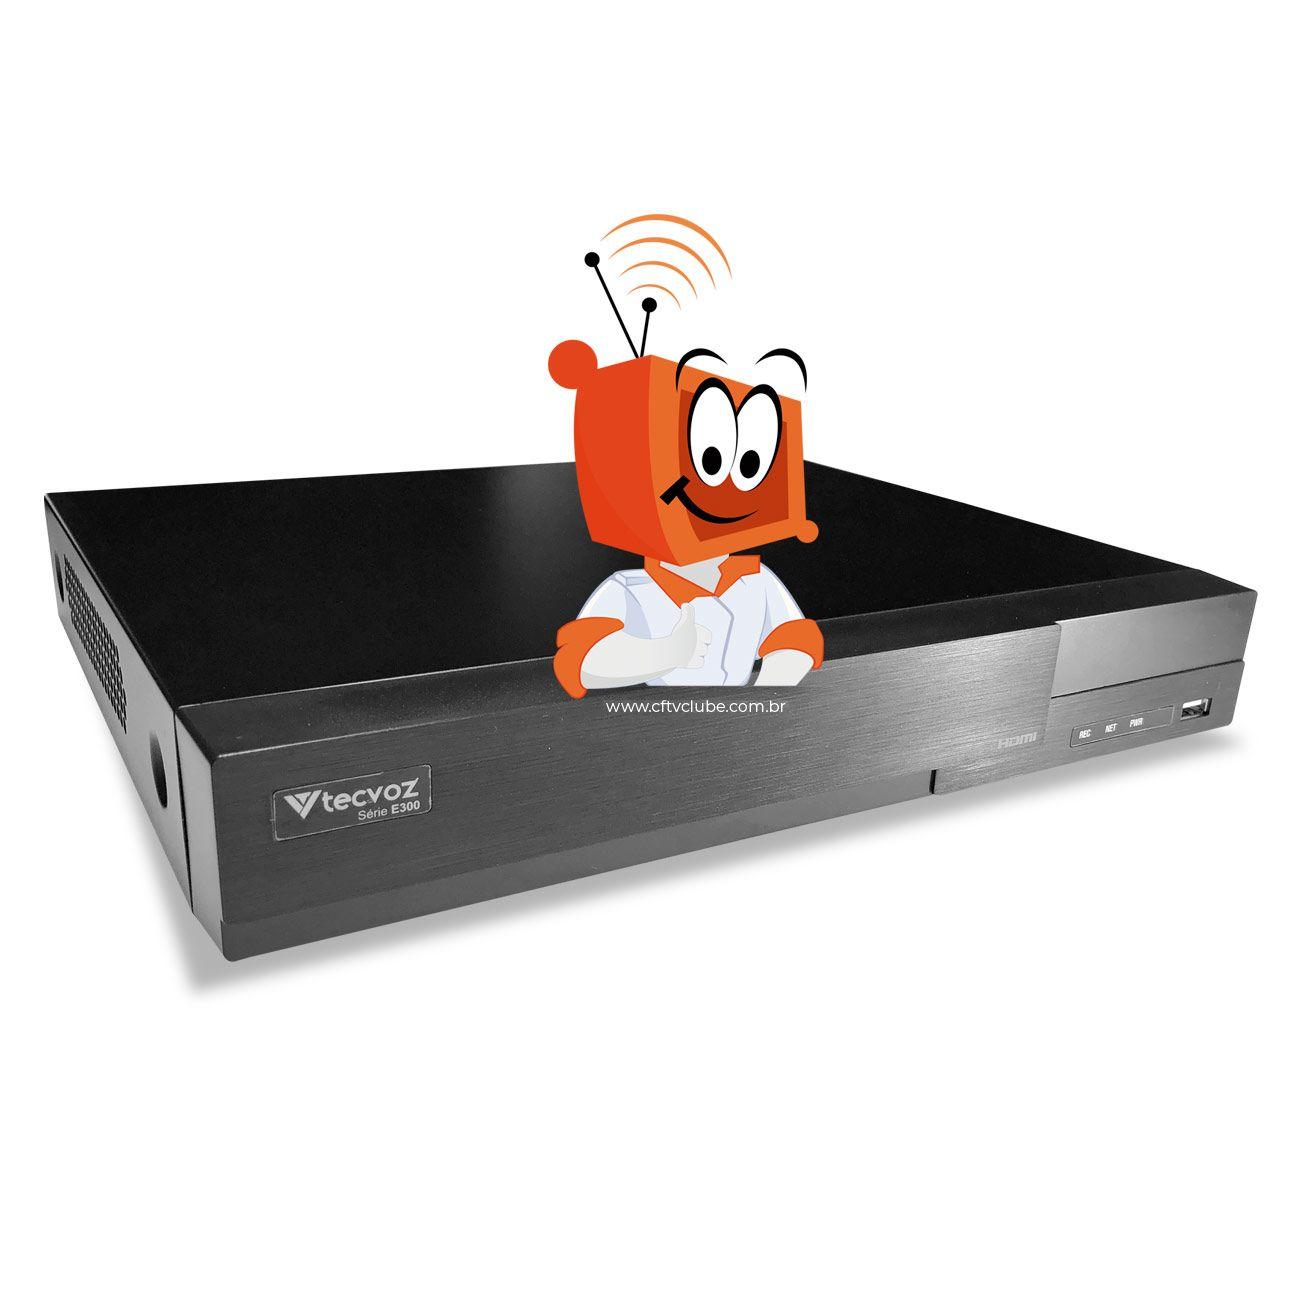 Kit de Vigilância HD Flex Tecvoz Gravador 16 Canais + tecnologia IP com Câmeras 5 Em 1 multitecnologia completo  - CFTV Clube | Brasil